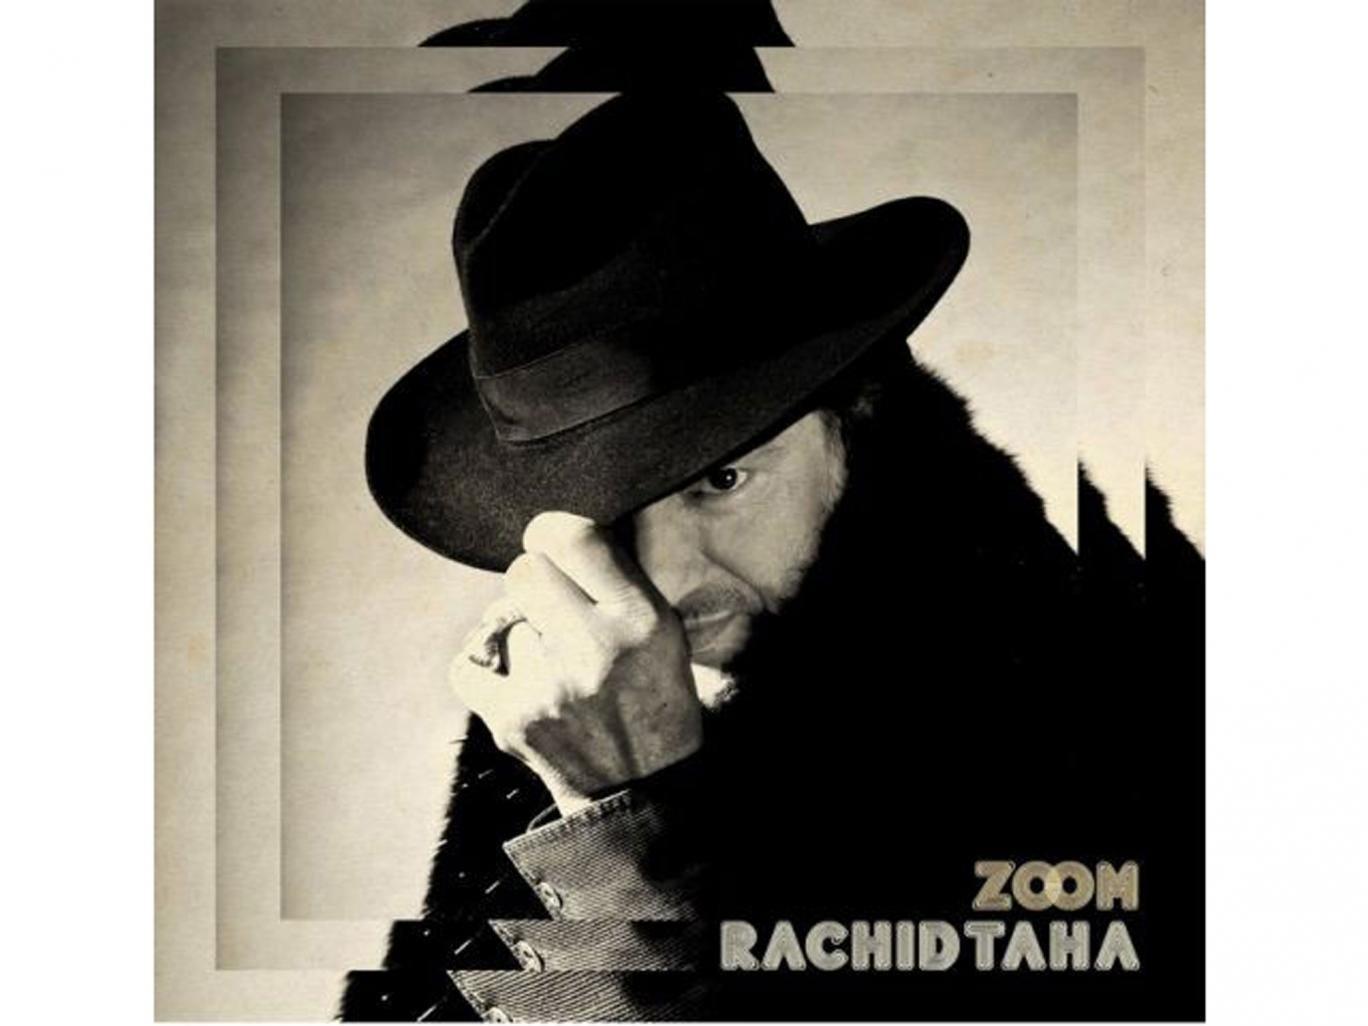 Rachid Taha, Zoom (Wrasse)